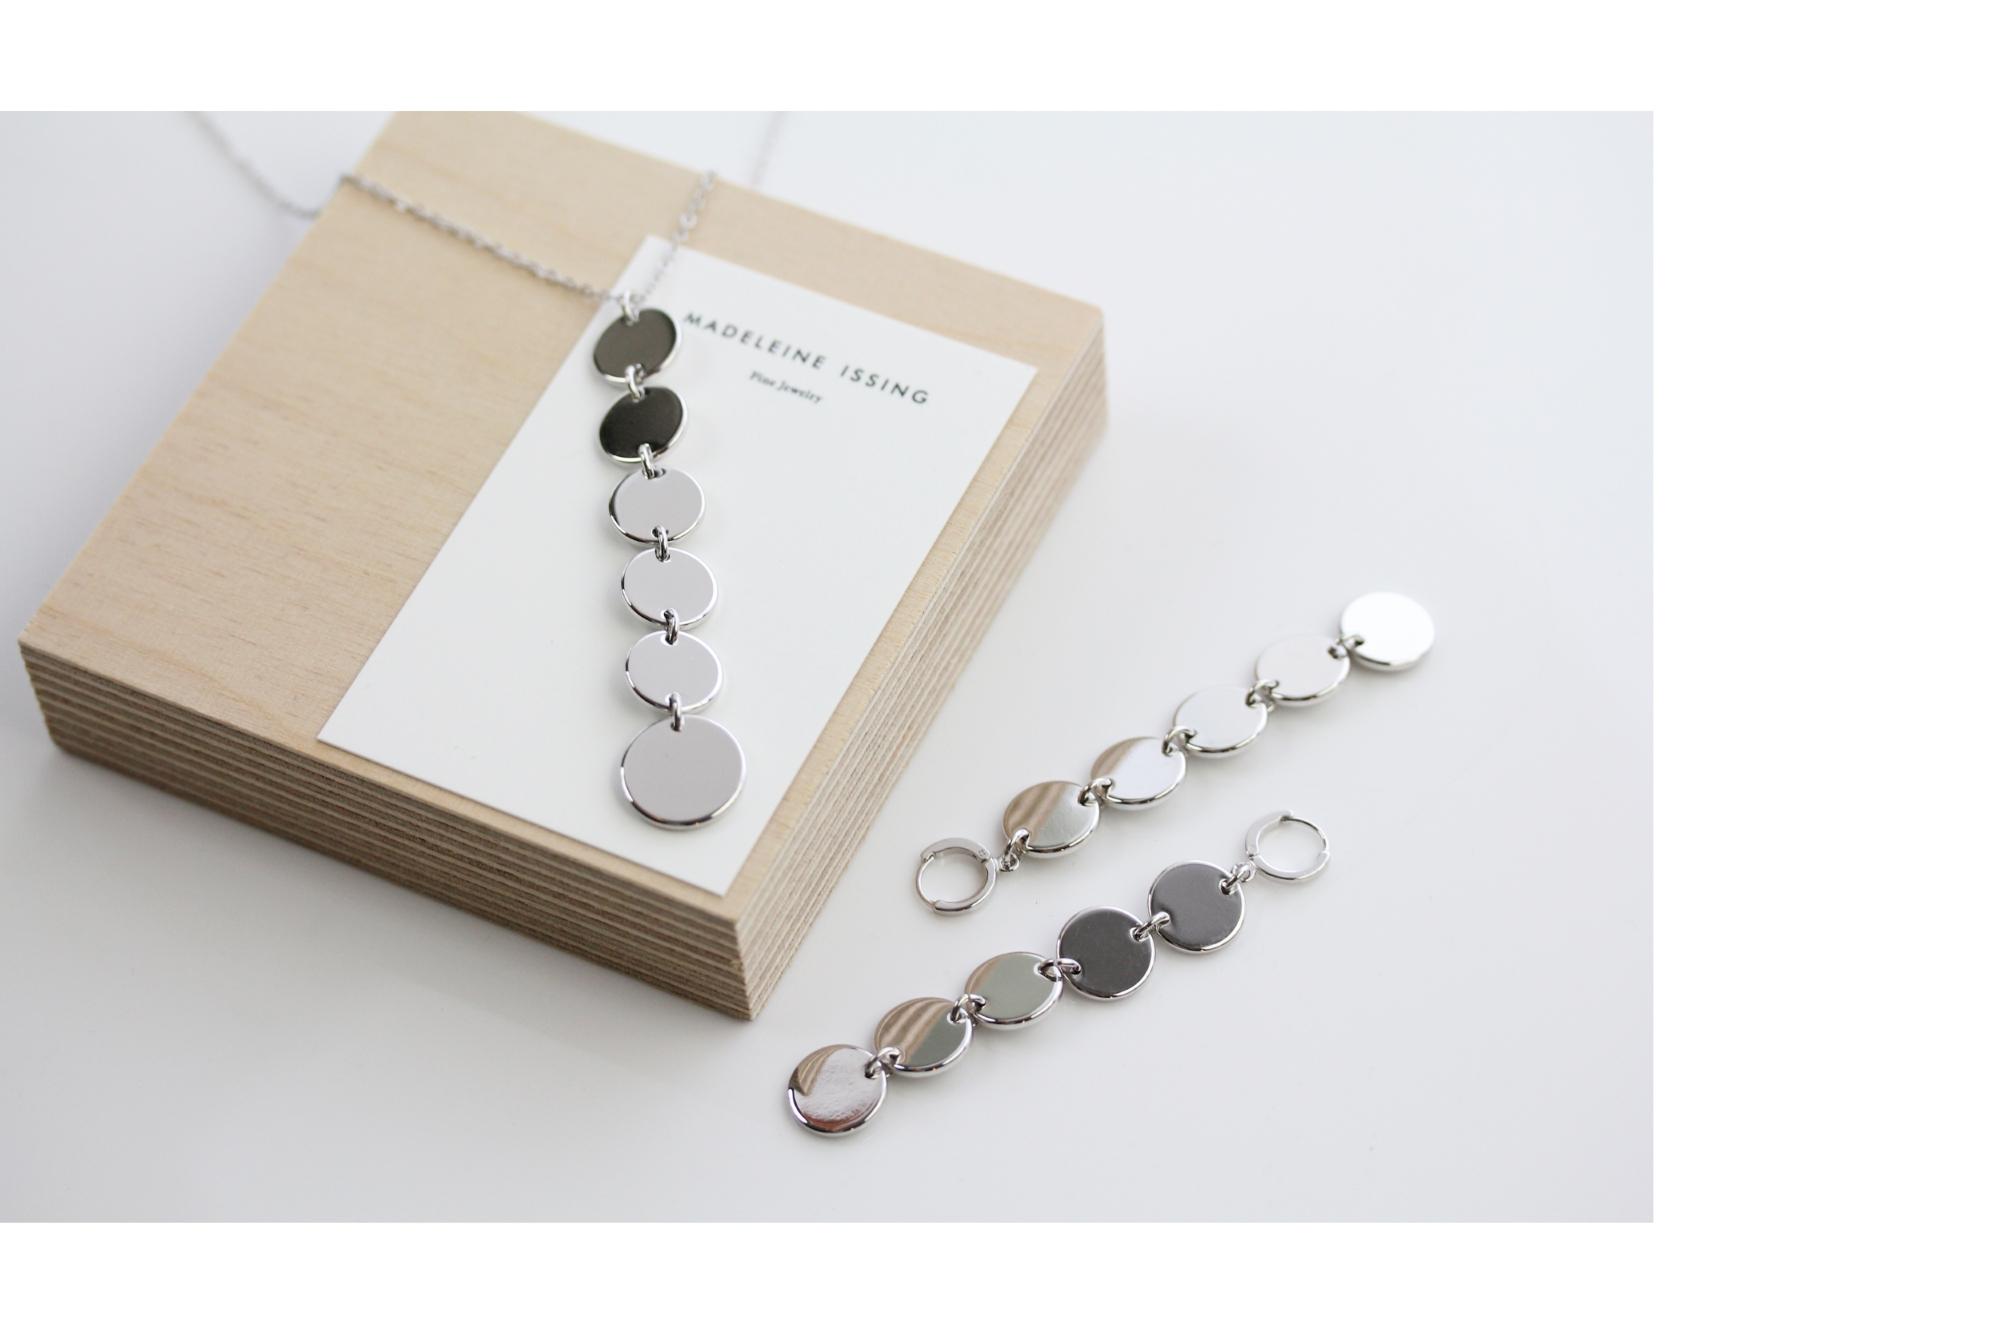 Moderne Ohrringe In Gold Und Silber Madeleine Issing